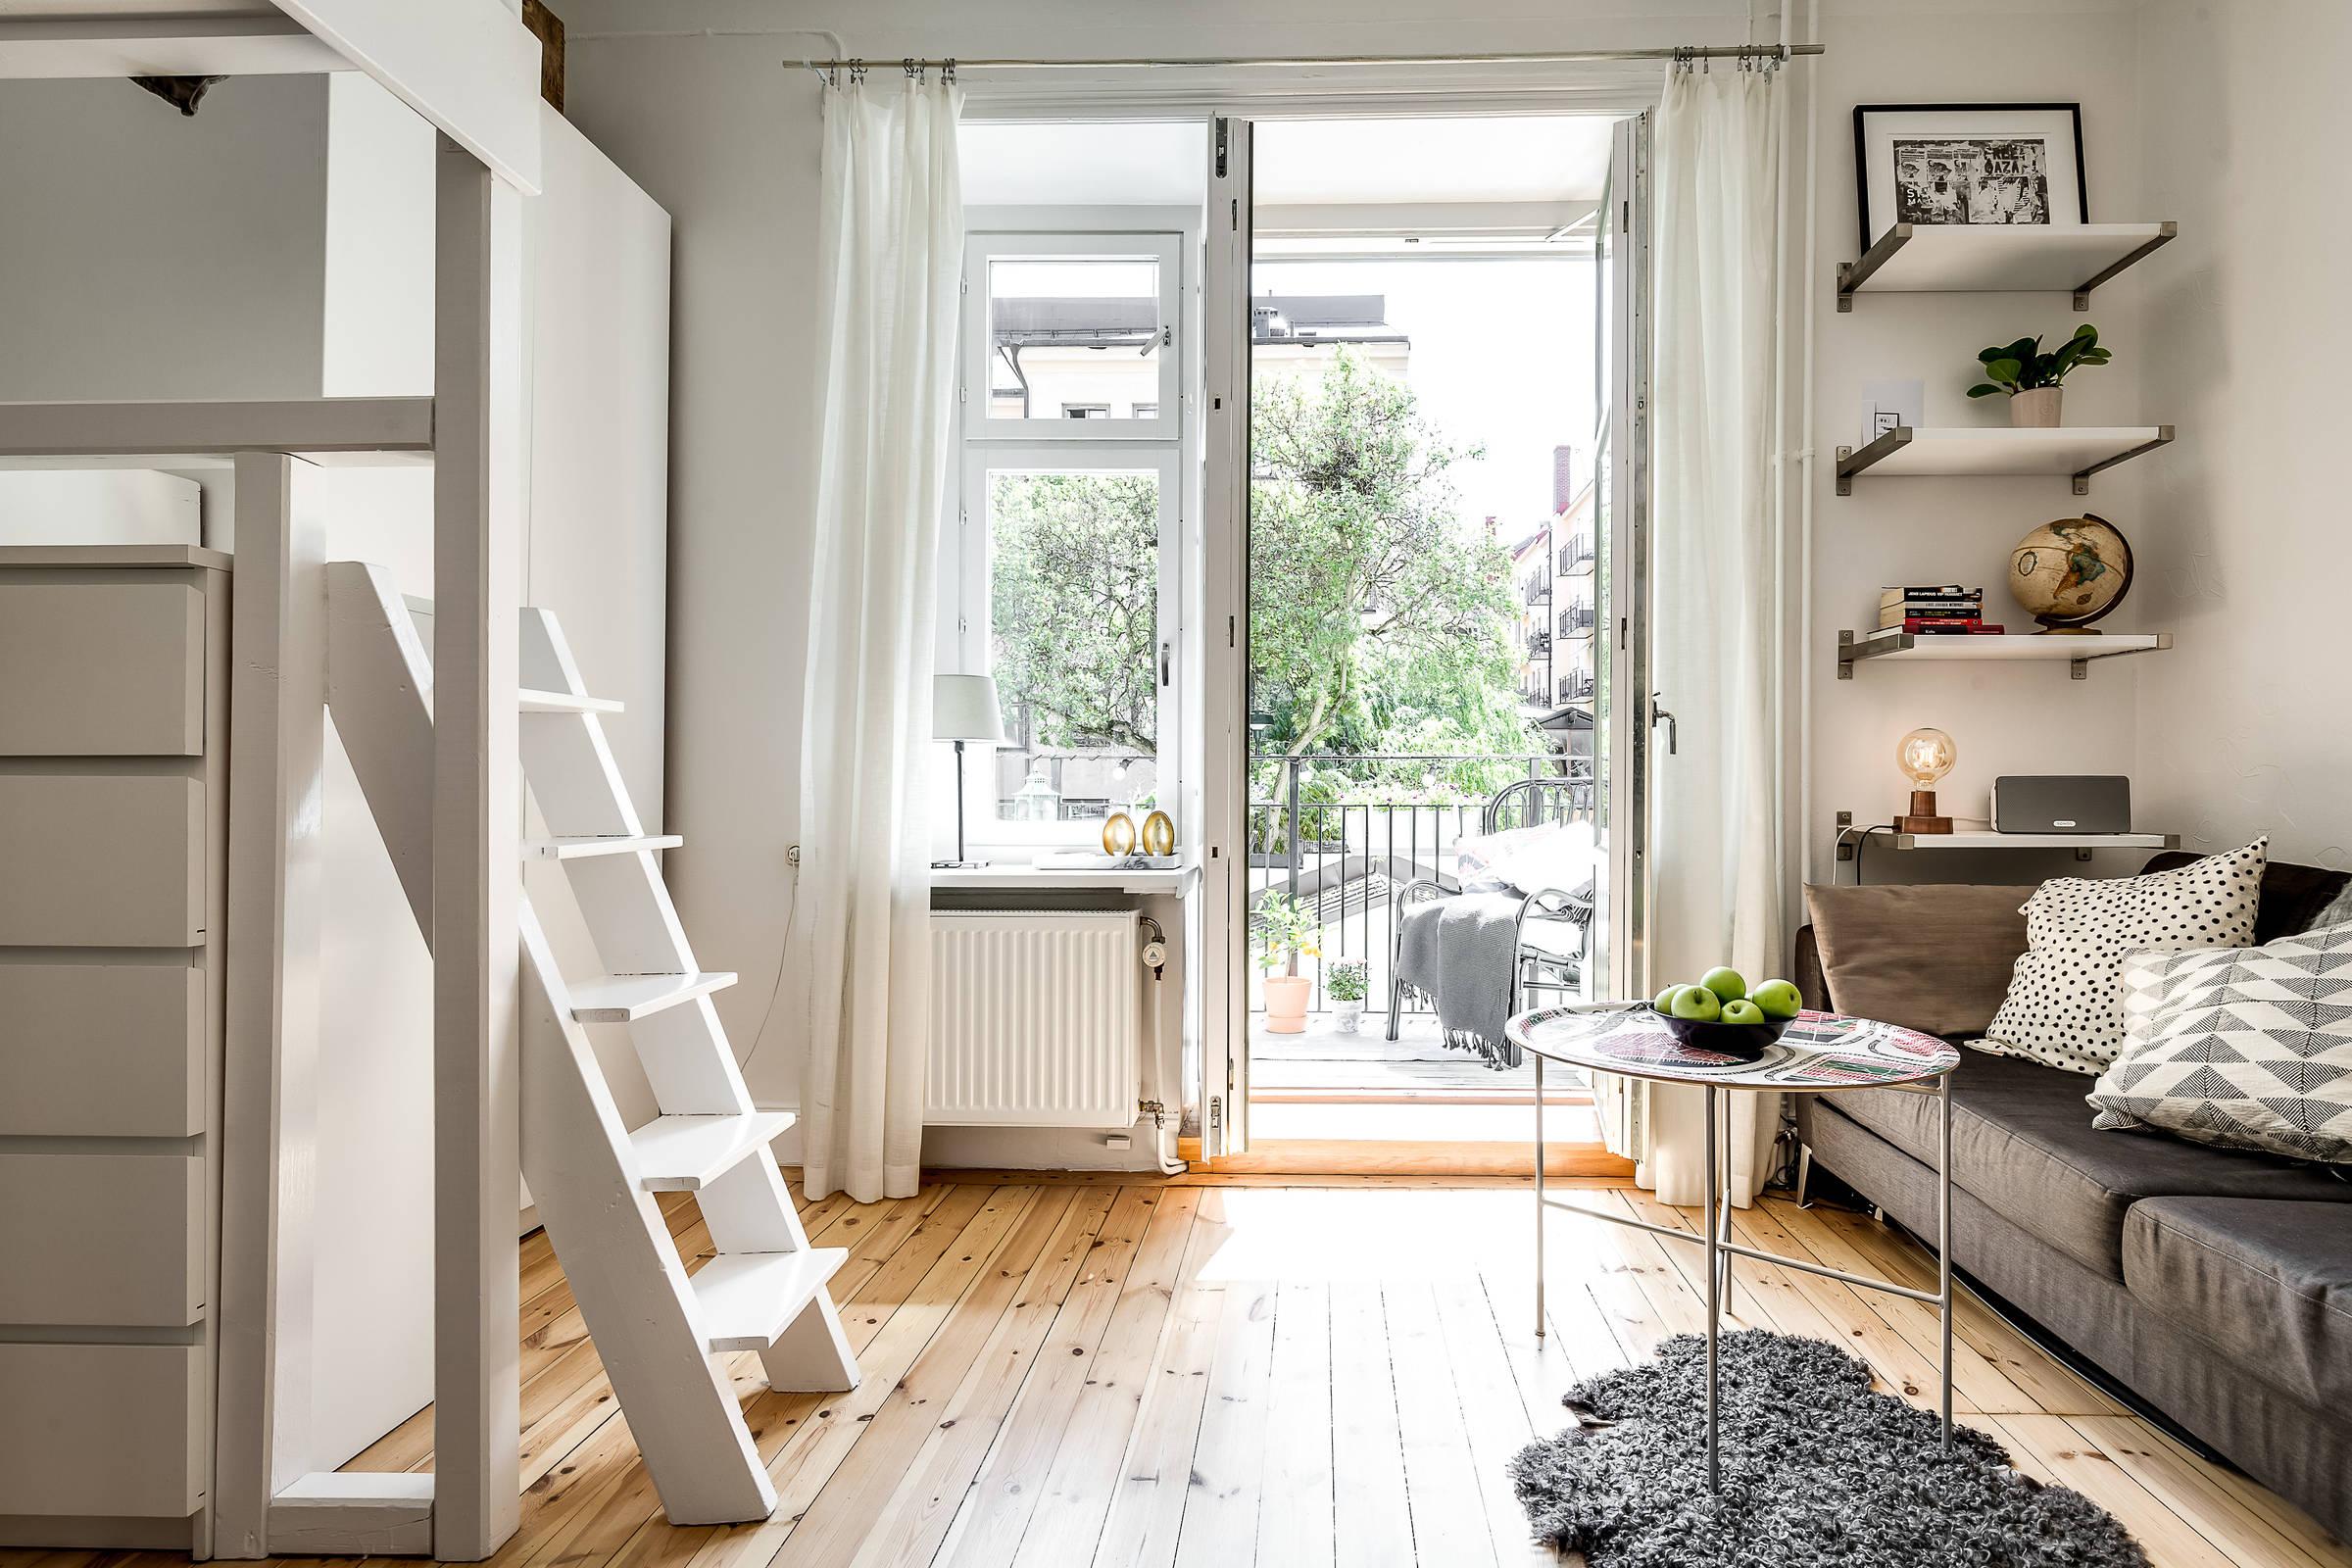 гостиная балкон диван полки